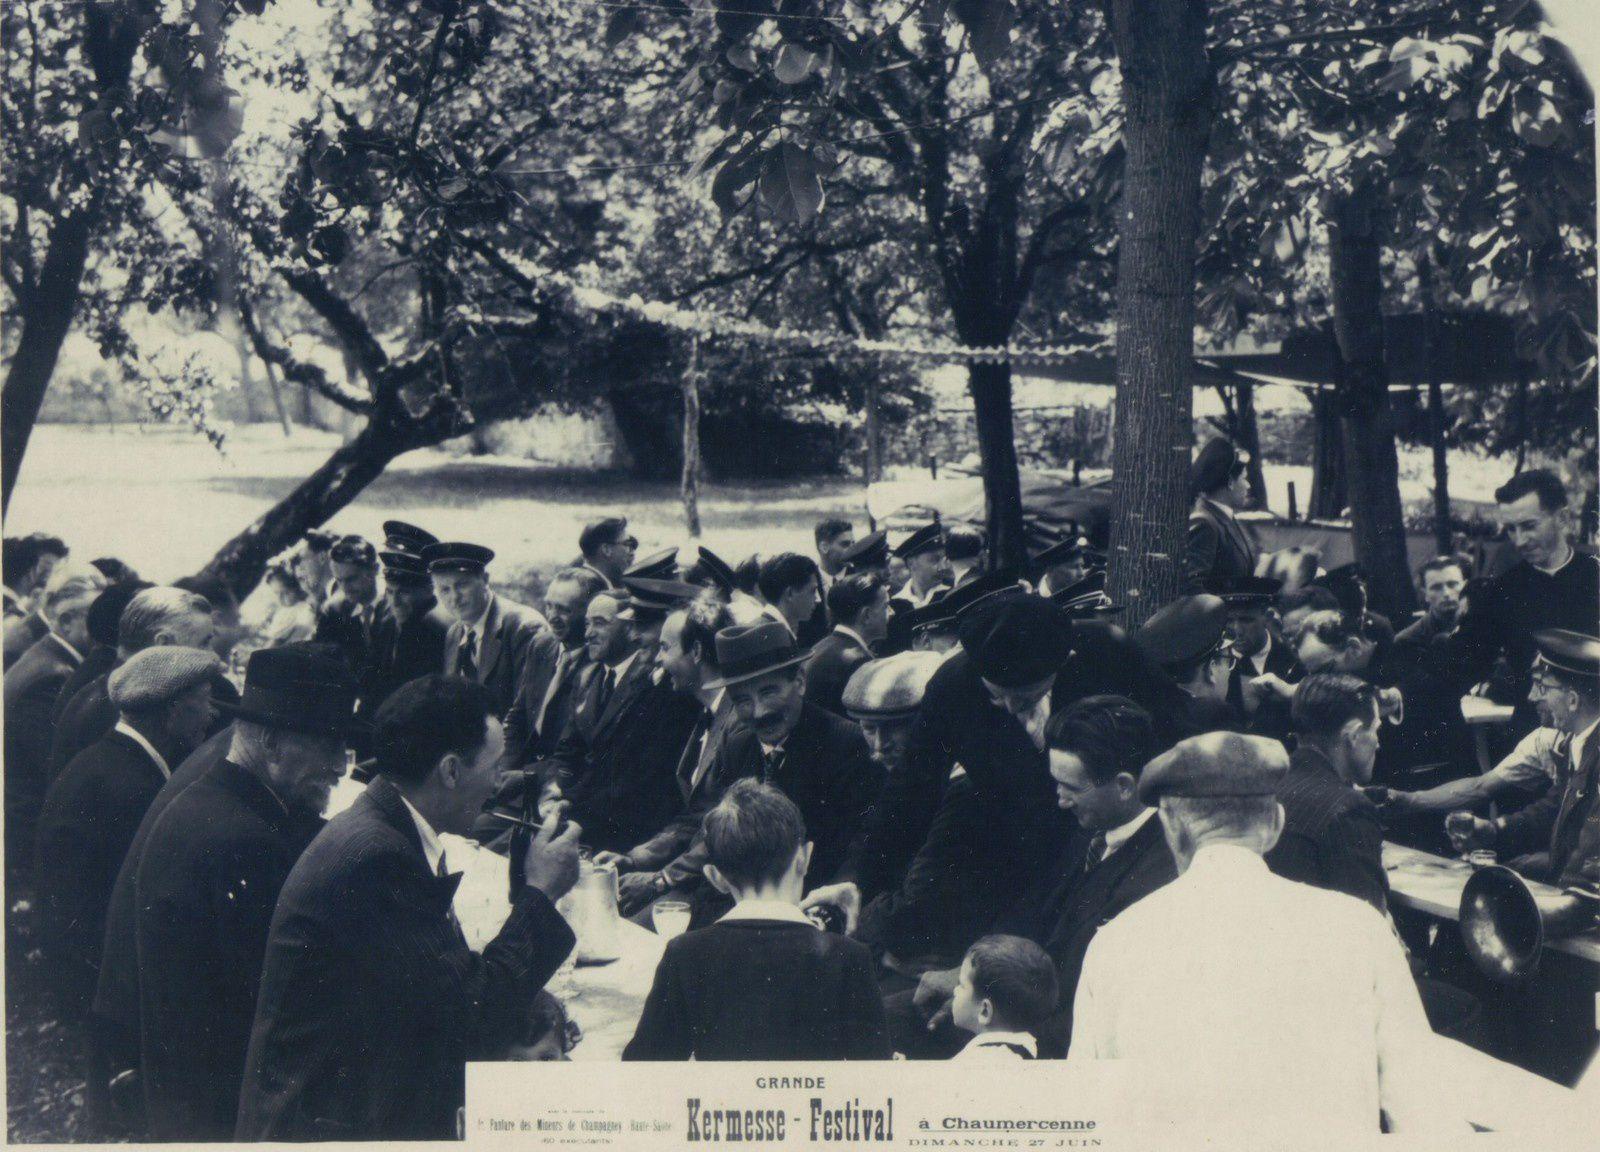 Ces deux photos, avec deux points de vue différents, montrent les mêmes (pas la même année) attablés en plein air à Chaumercenne le dimanche 27 juin. Il est noté « Fanfare des mines de Champagney ». Sur la première photo, se trouve de face, attablé à gauche, le maire de Champagney : Paul Jacquot. On reconnaît aussi Charles Vissler et Eugène Boisot (qui regarde bien le photographe). Paul Jacquot fut maire de Champagney d'octobre 1947 à février 1951.